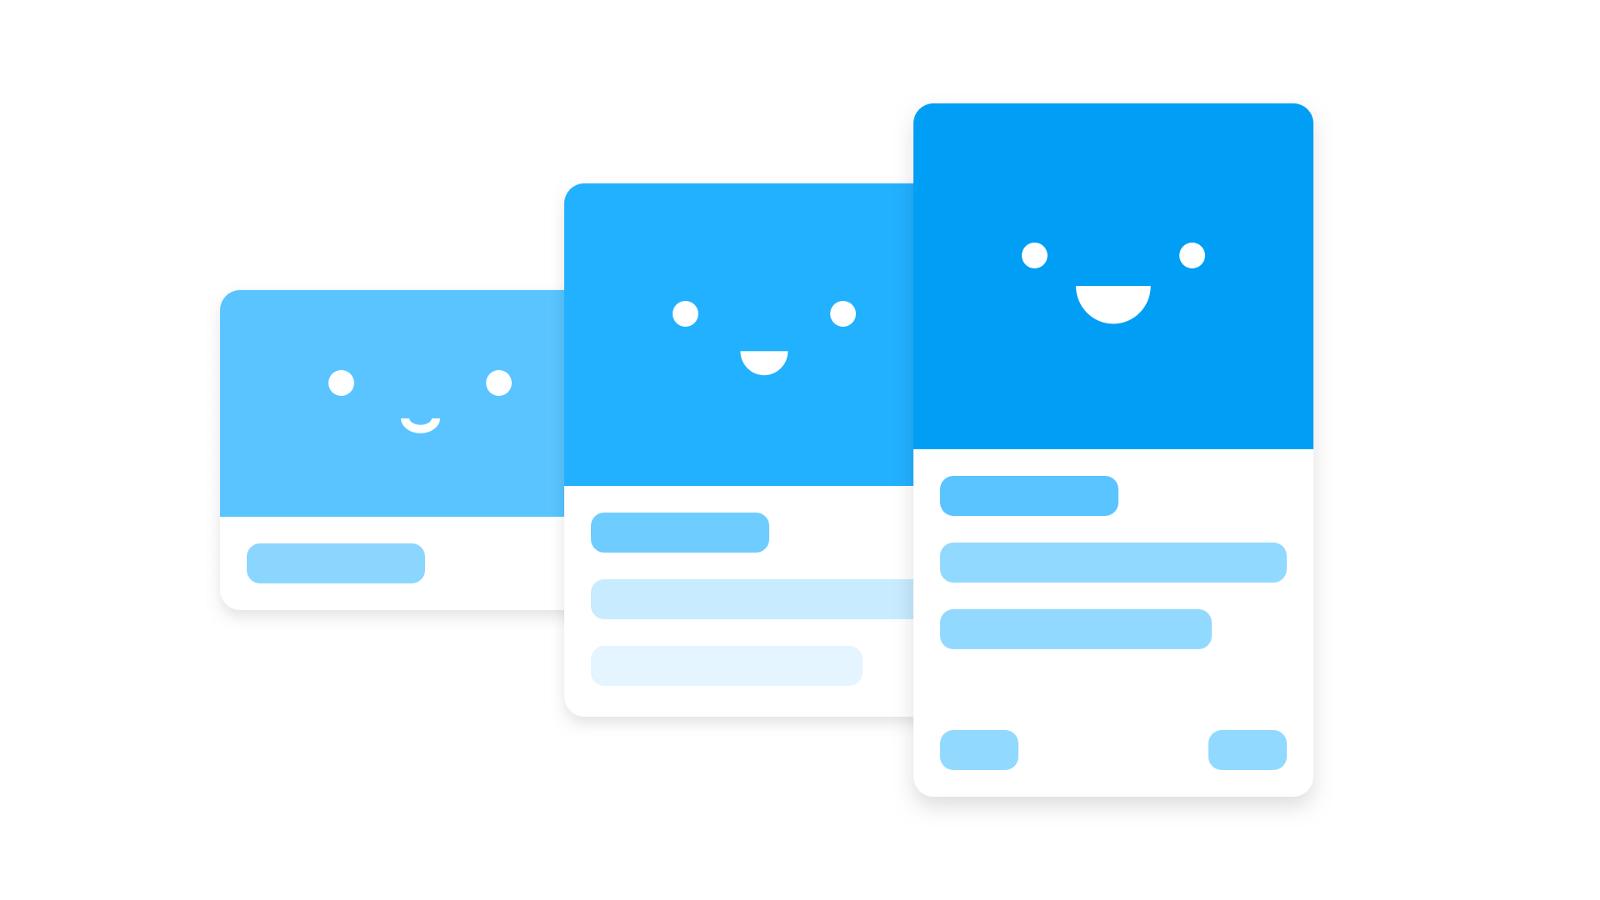 超赞的7个UI交互动画技巧建议-让你的作品更合理